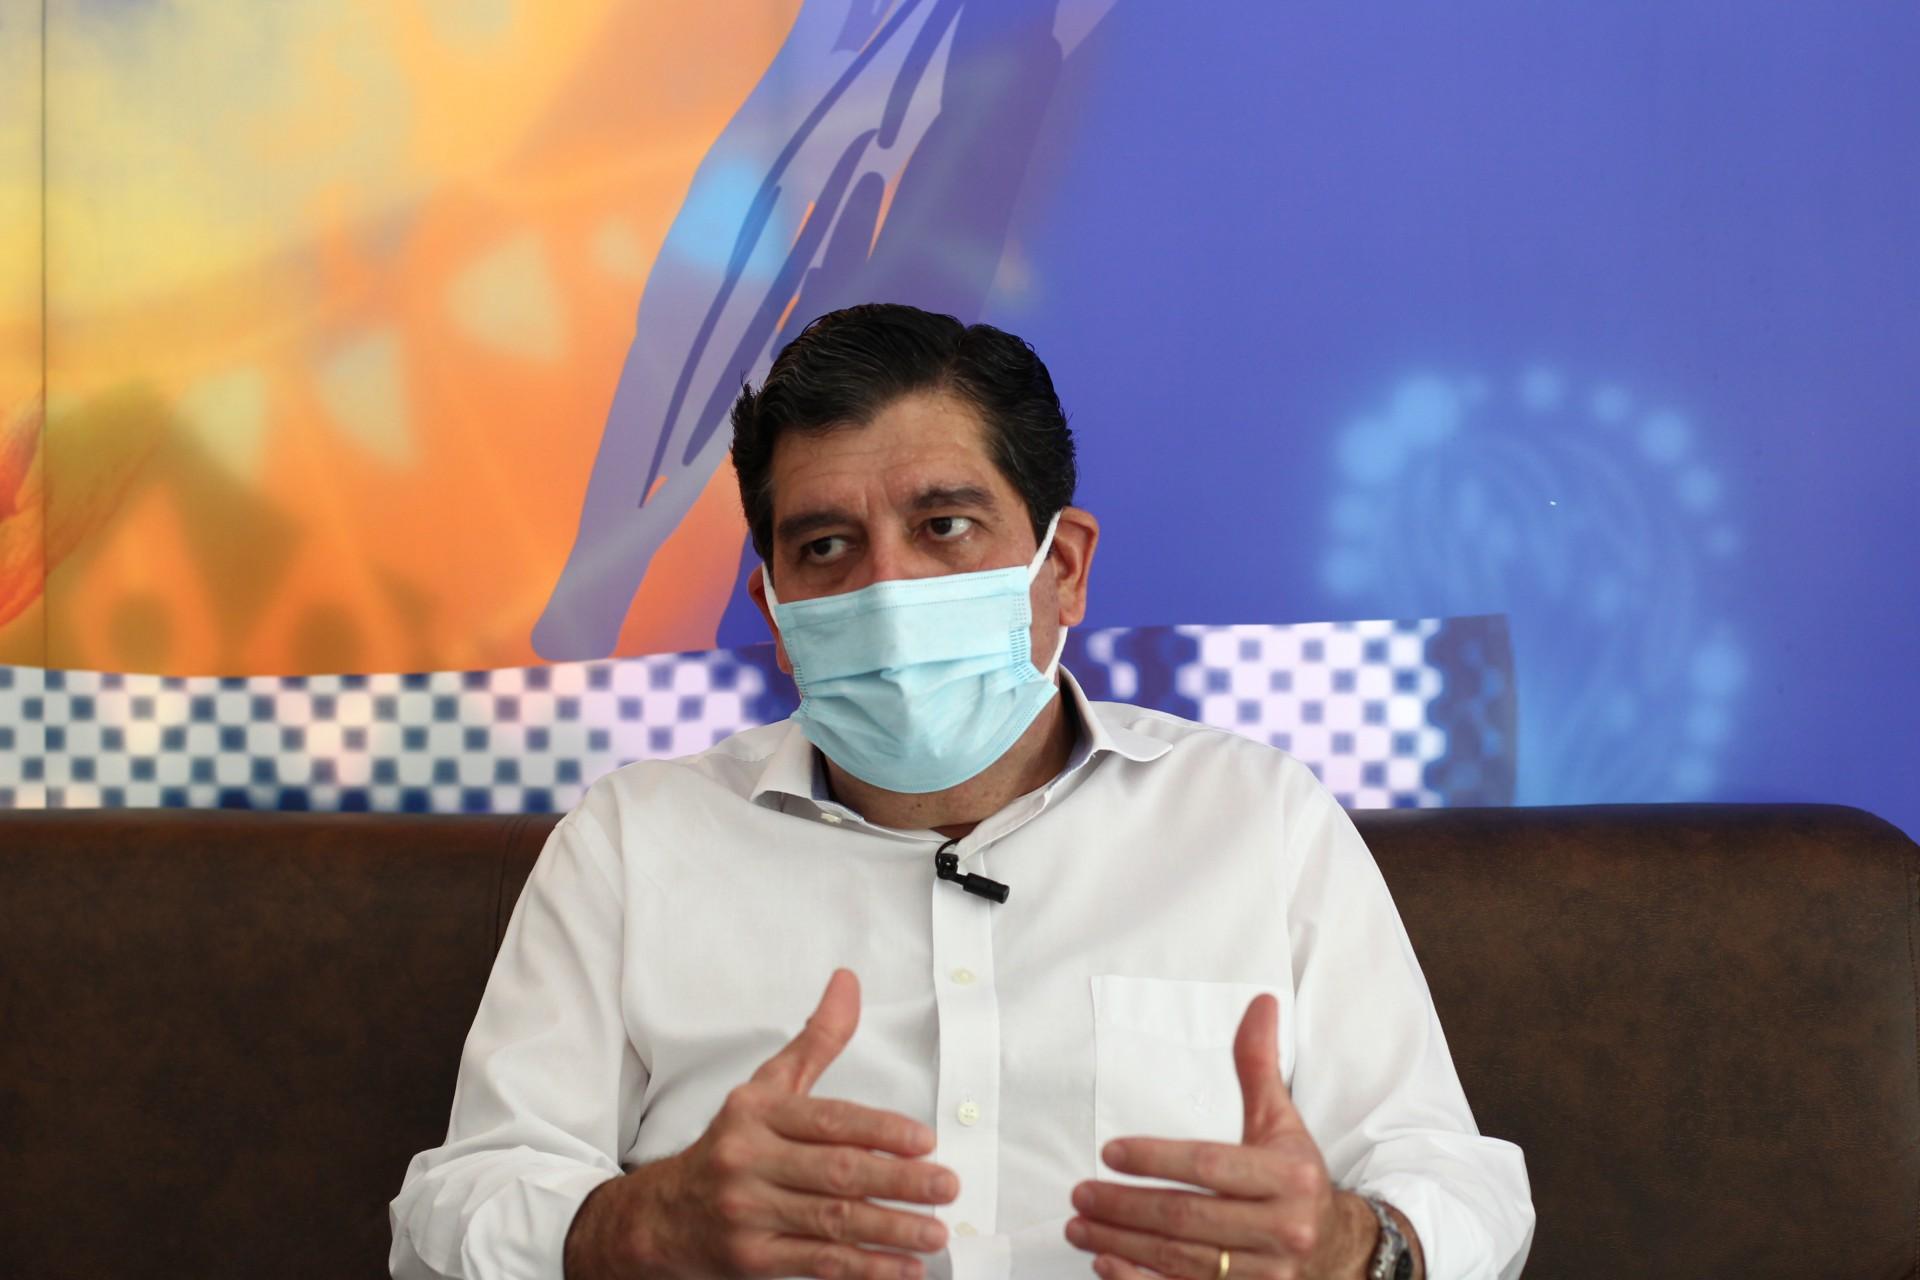 FORTALEZA,CE, BRASIL, 01.03.2021:  Dr. Cabeto, secretário de saude do estado. O POVO. (Fotos: Fabio Lima/O POVO)